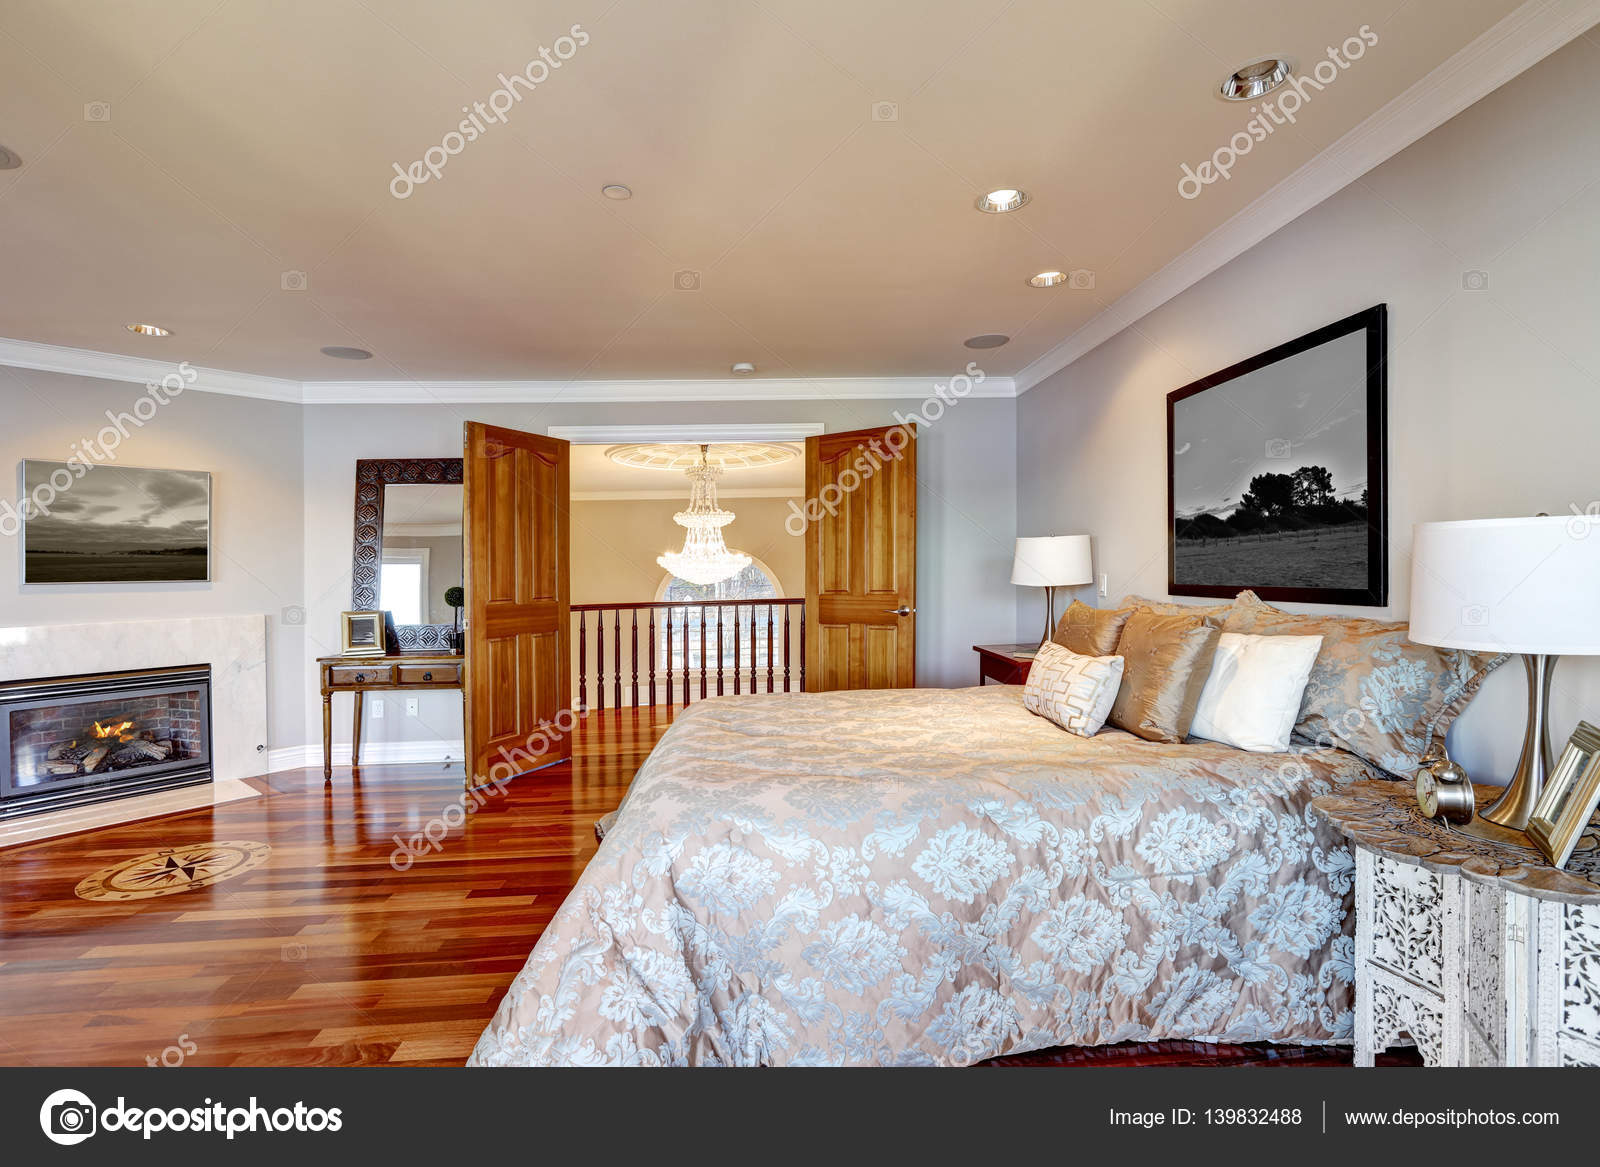 Slaapkamer Blauw Verven : Chique master slaapkamer interieur met open haard u stockfoto